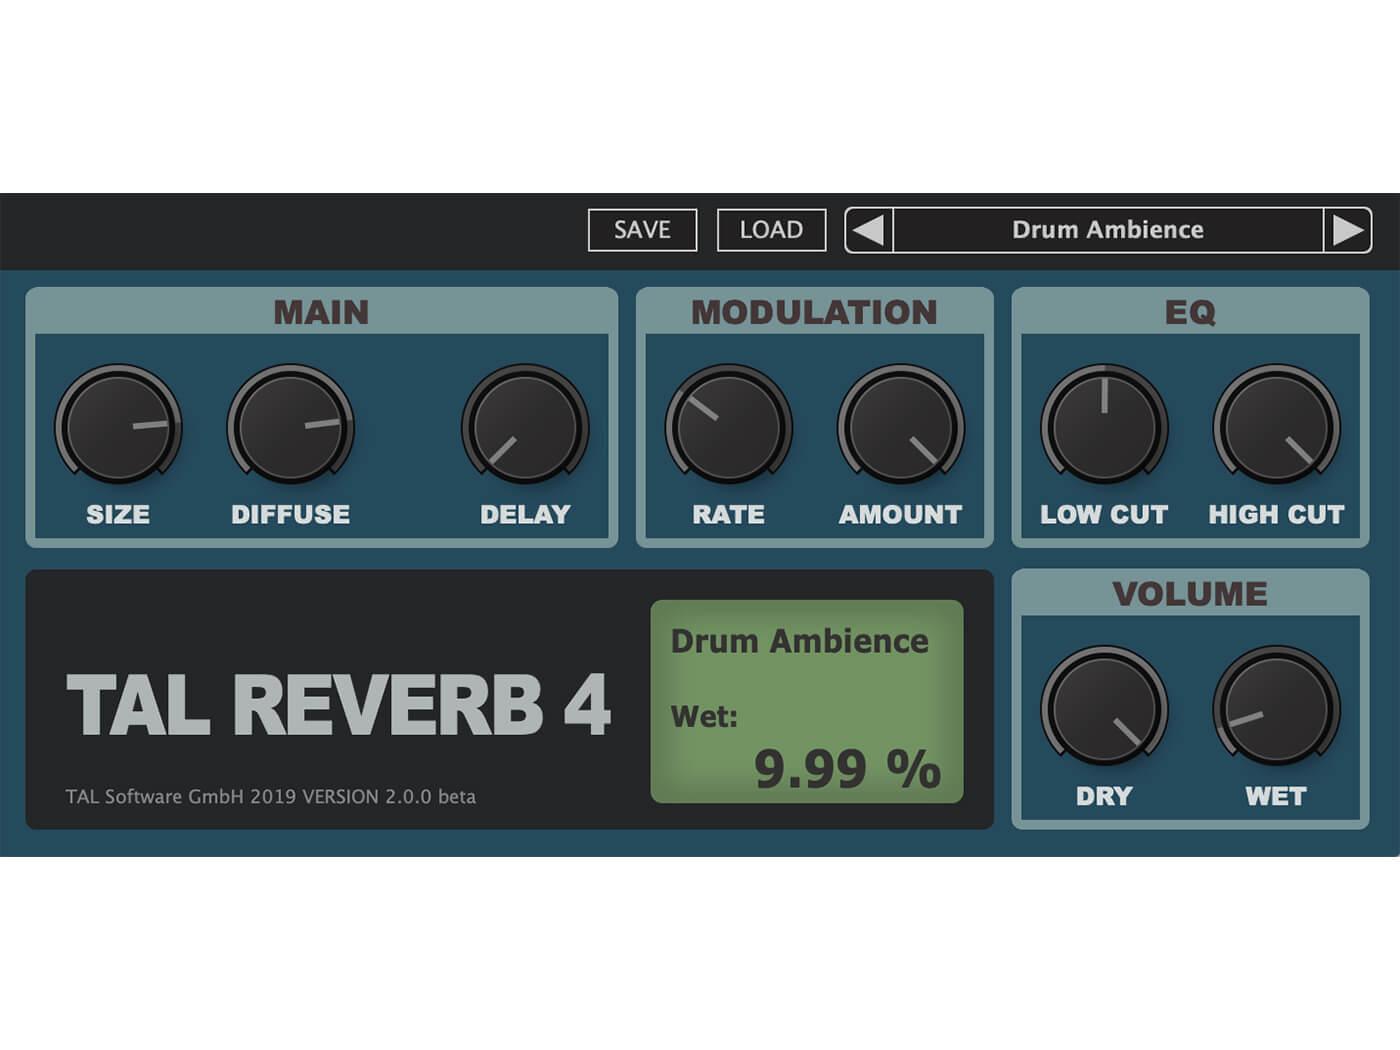 TAL-Reverb-4